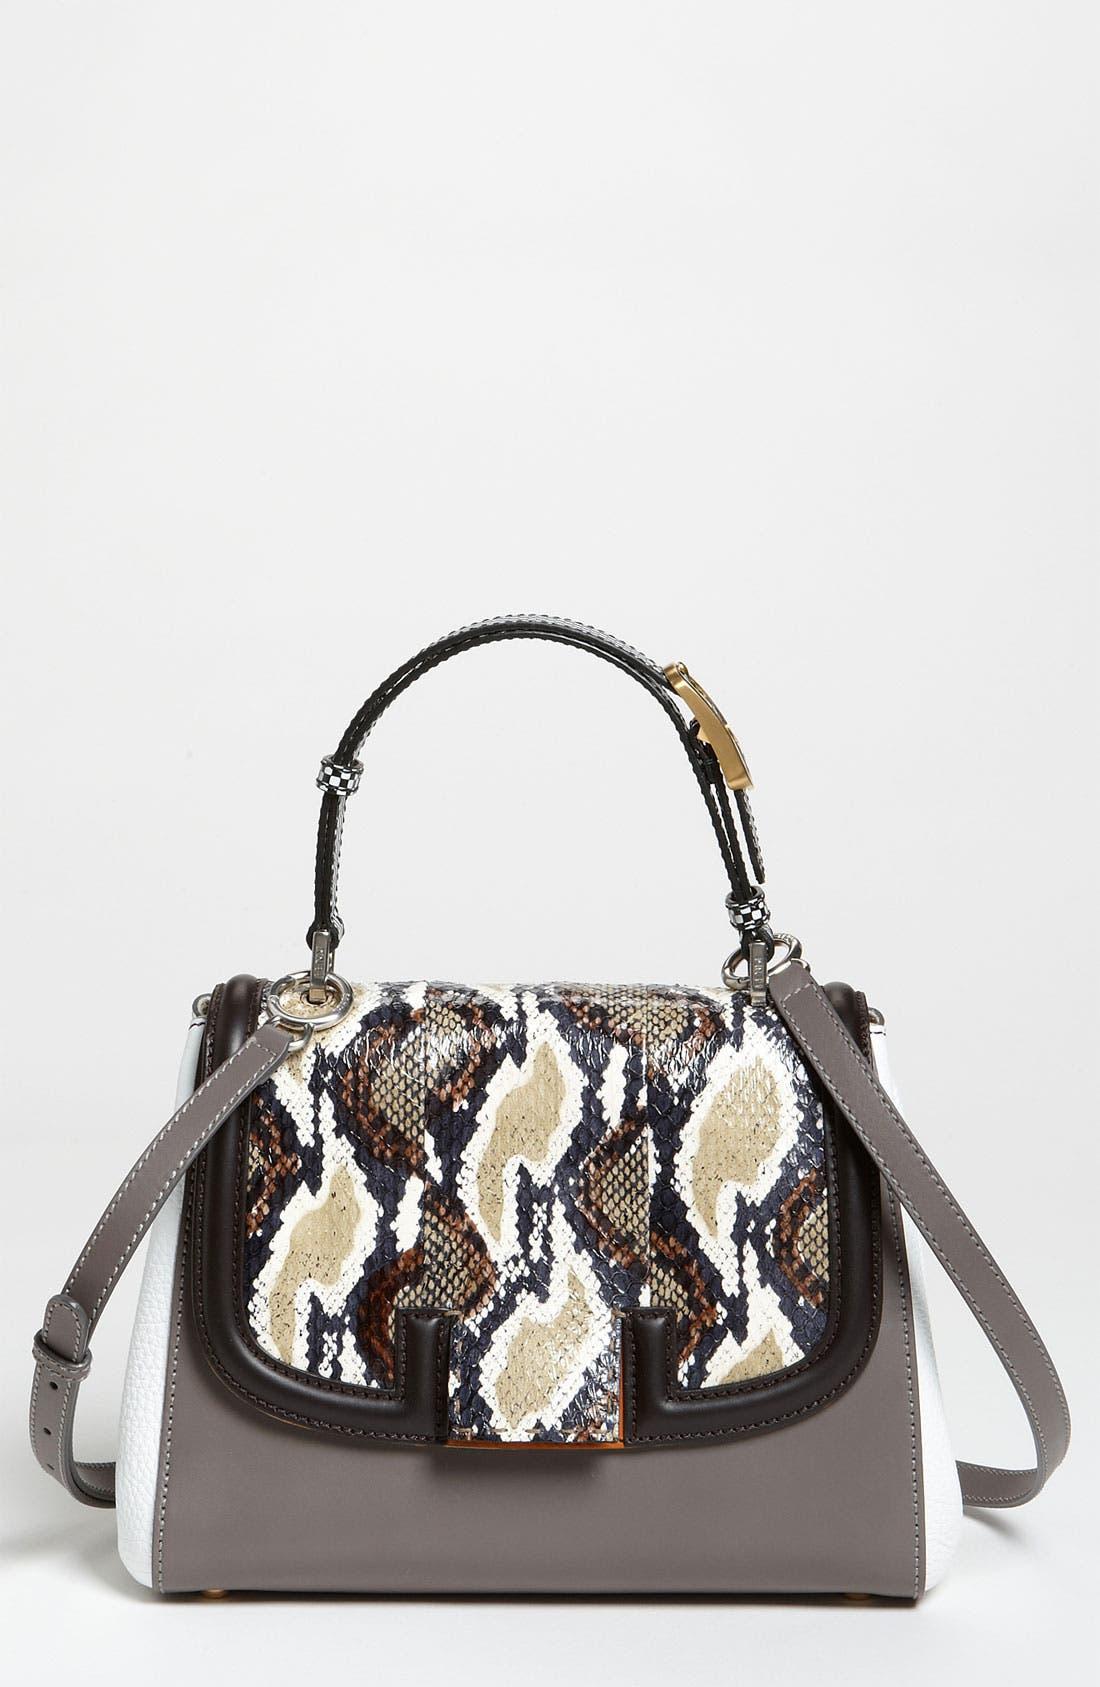 Main Image - Fendi 'Silvana Elaphe Fantasy' Leather & Genuine Snakeskin Satchel